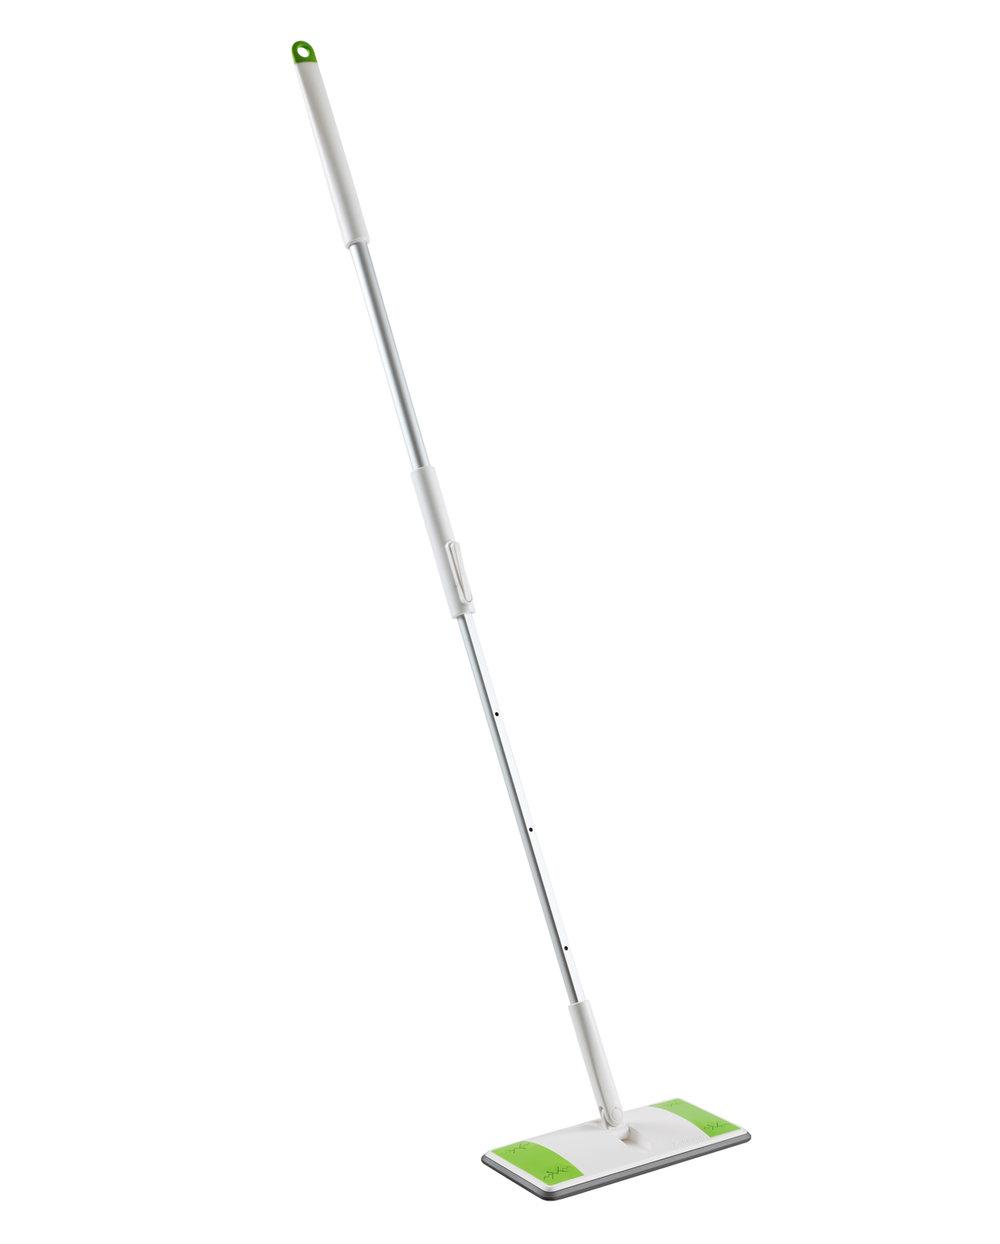 3m mop1.jpg